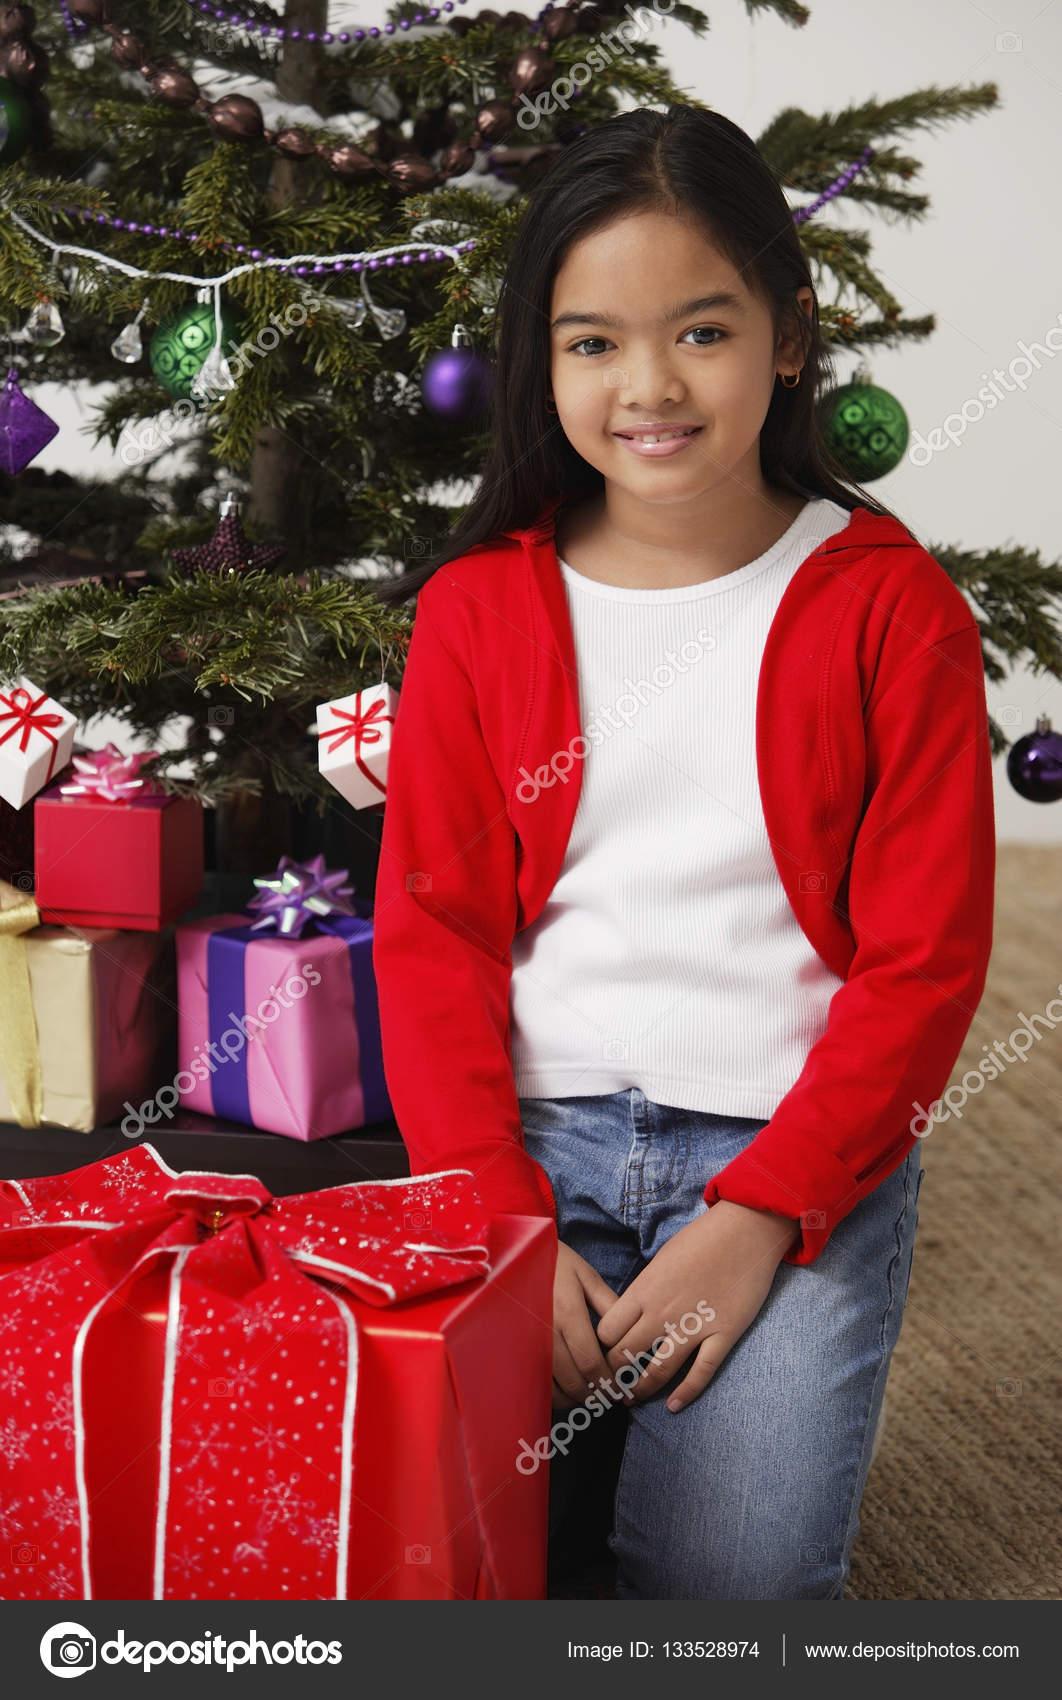 Regali Di Natale Ragazza.Ragazza Con Regali Di Natale Foto Stock C Microstockasia 133528974